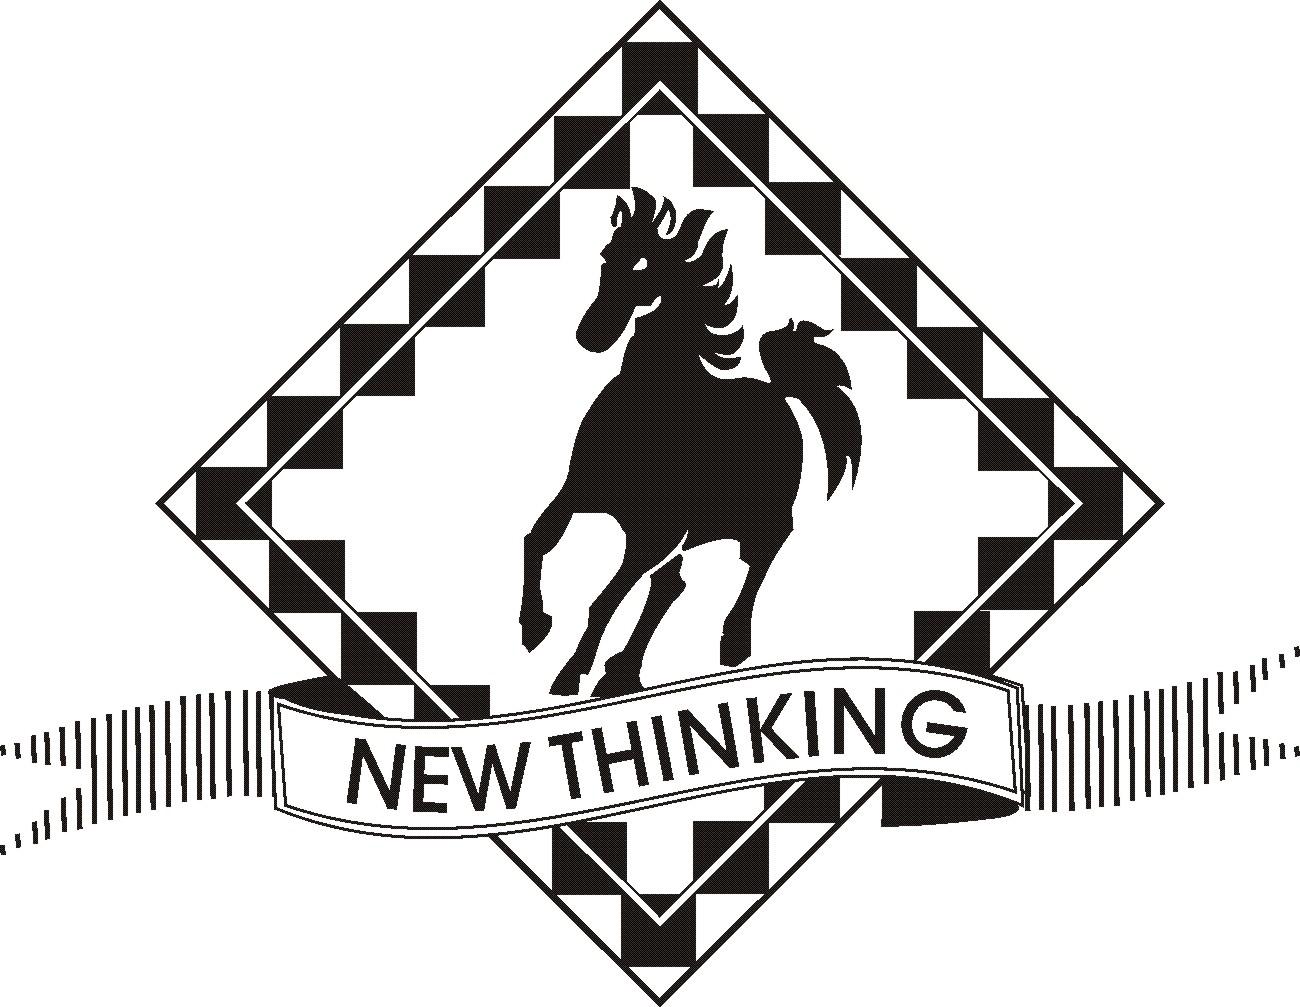 NEW THINKING FASHION China Ltd